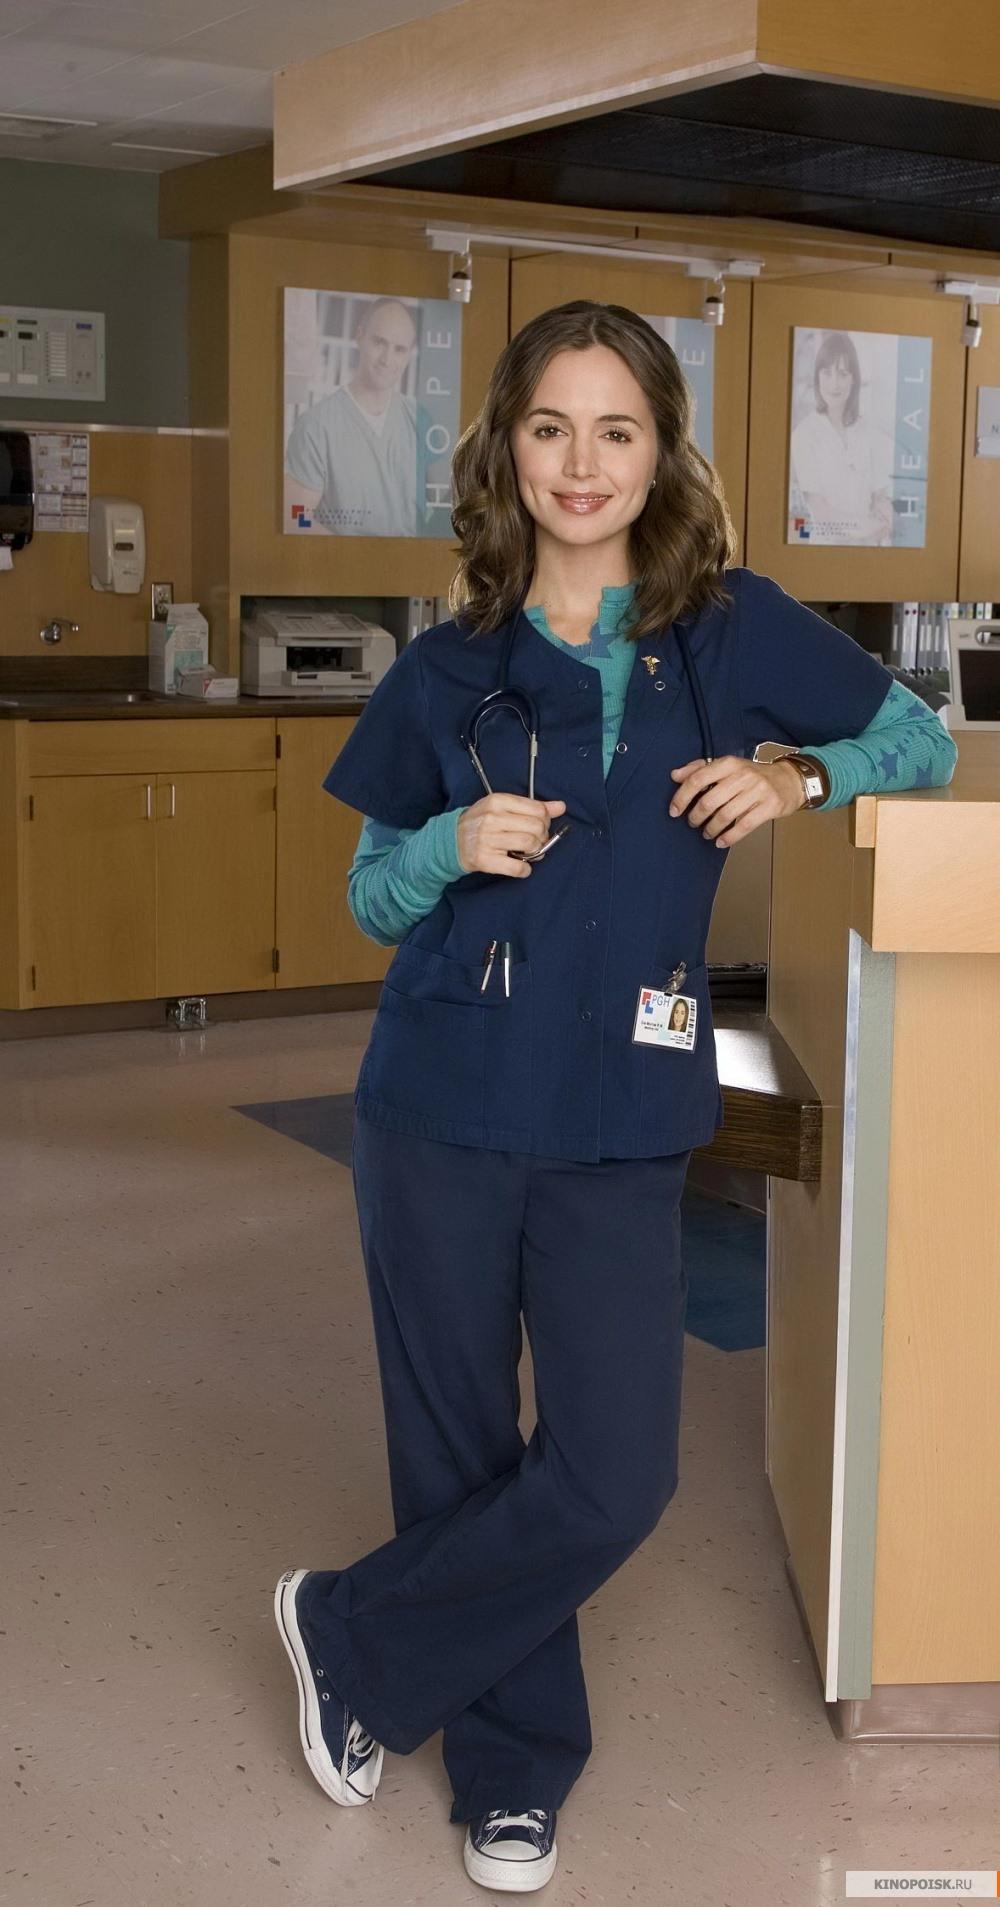 Смотреть про медсестер бесплатно 7 фотография